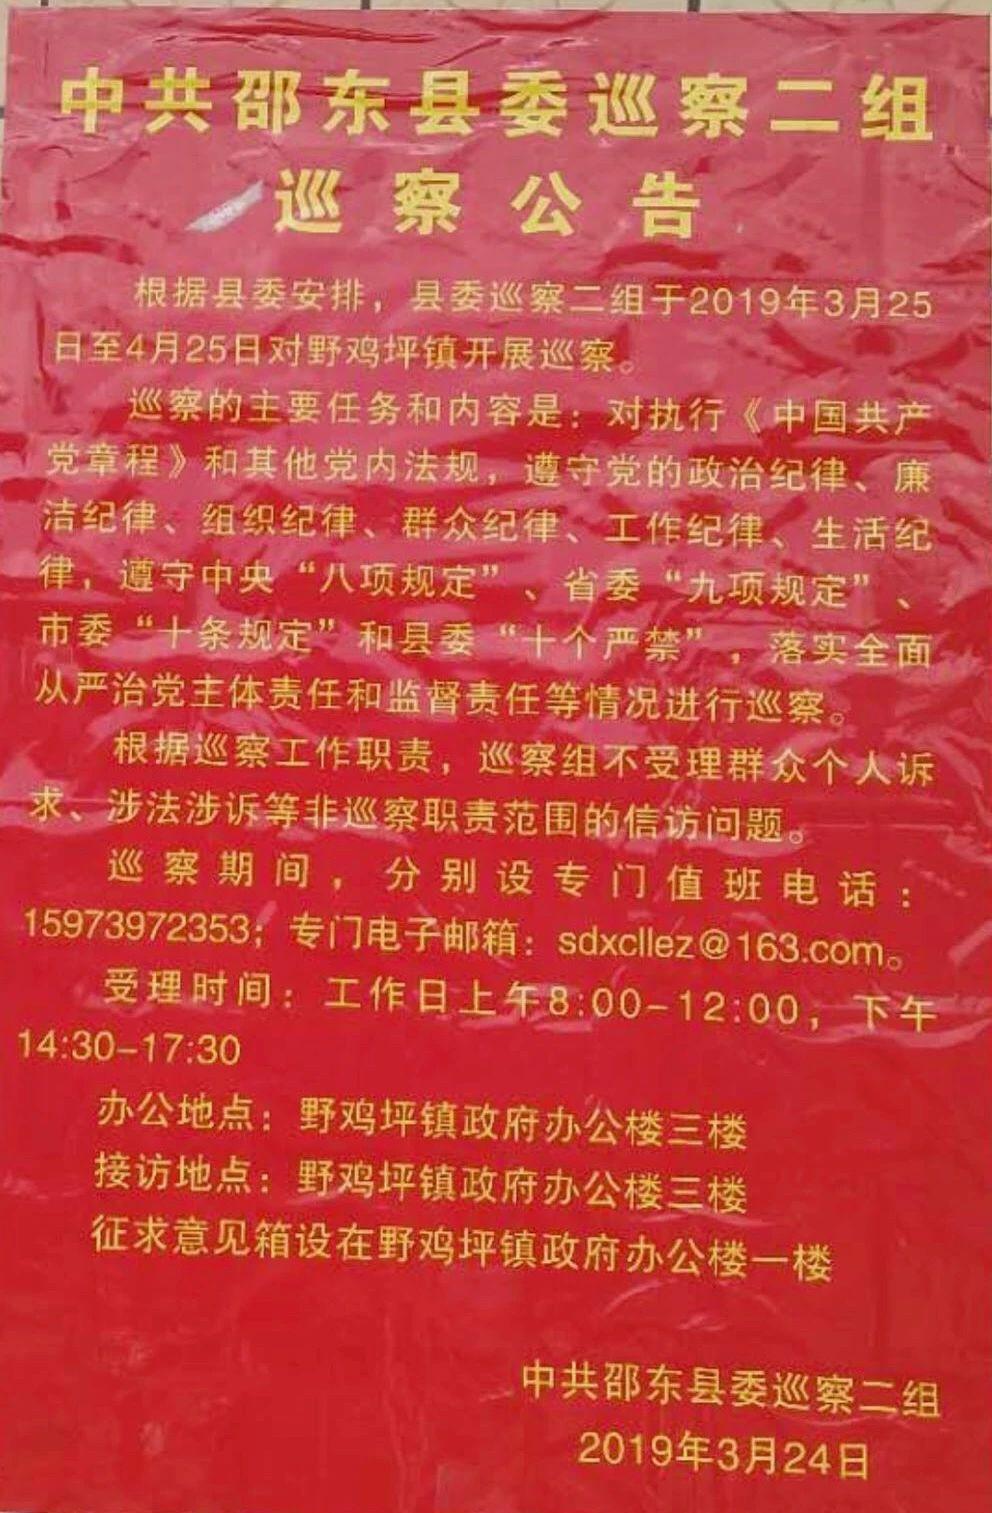 邵东县委巡查组3月25日至4月25日对野鸡坪镇开展巡查!